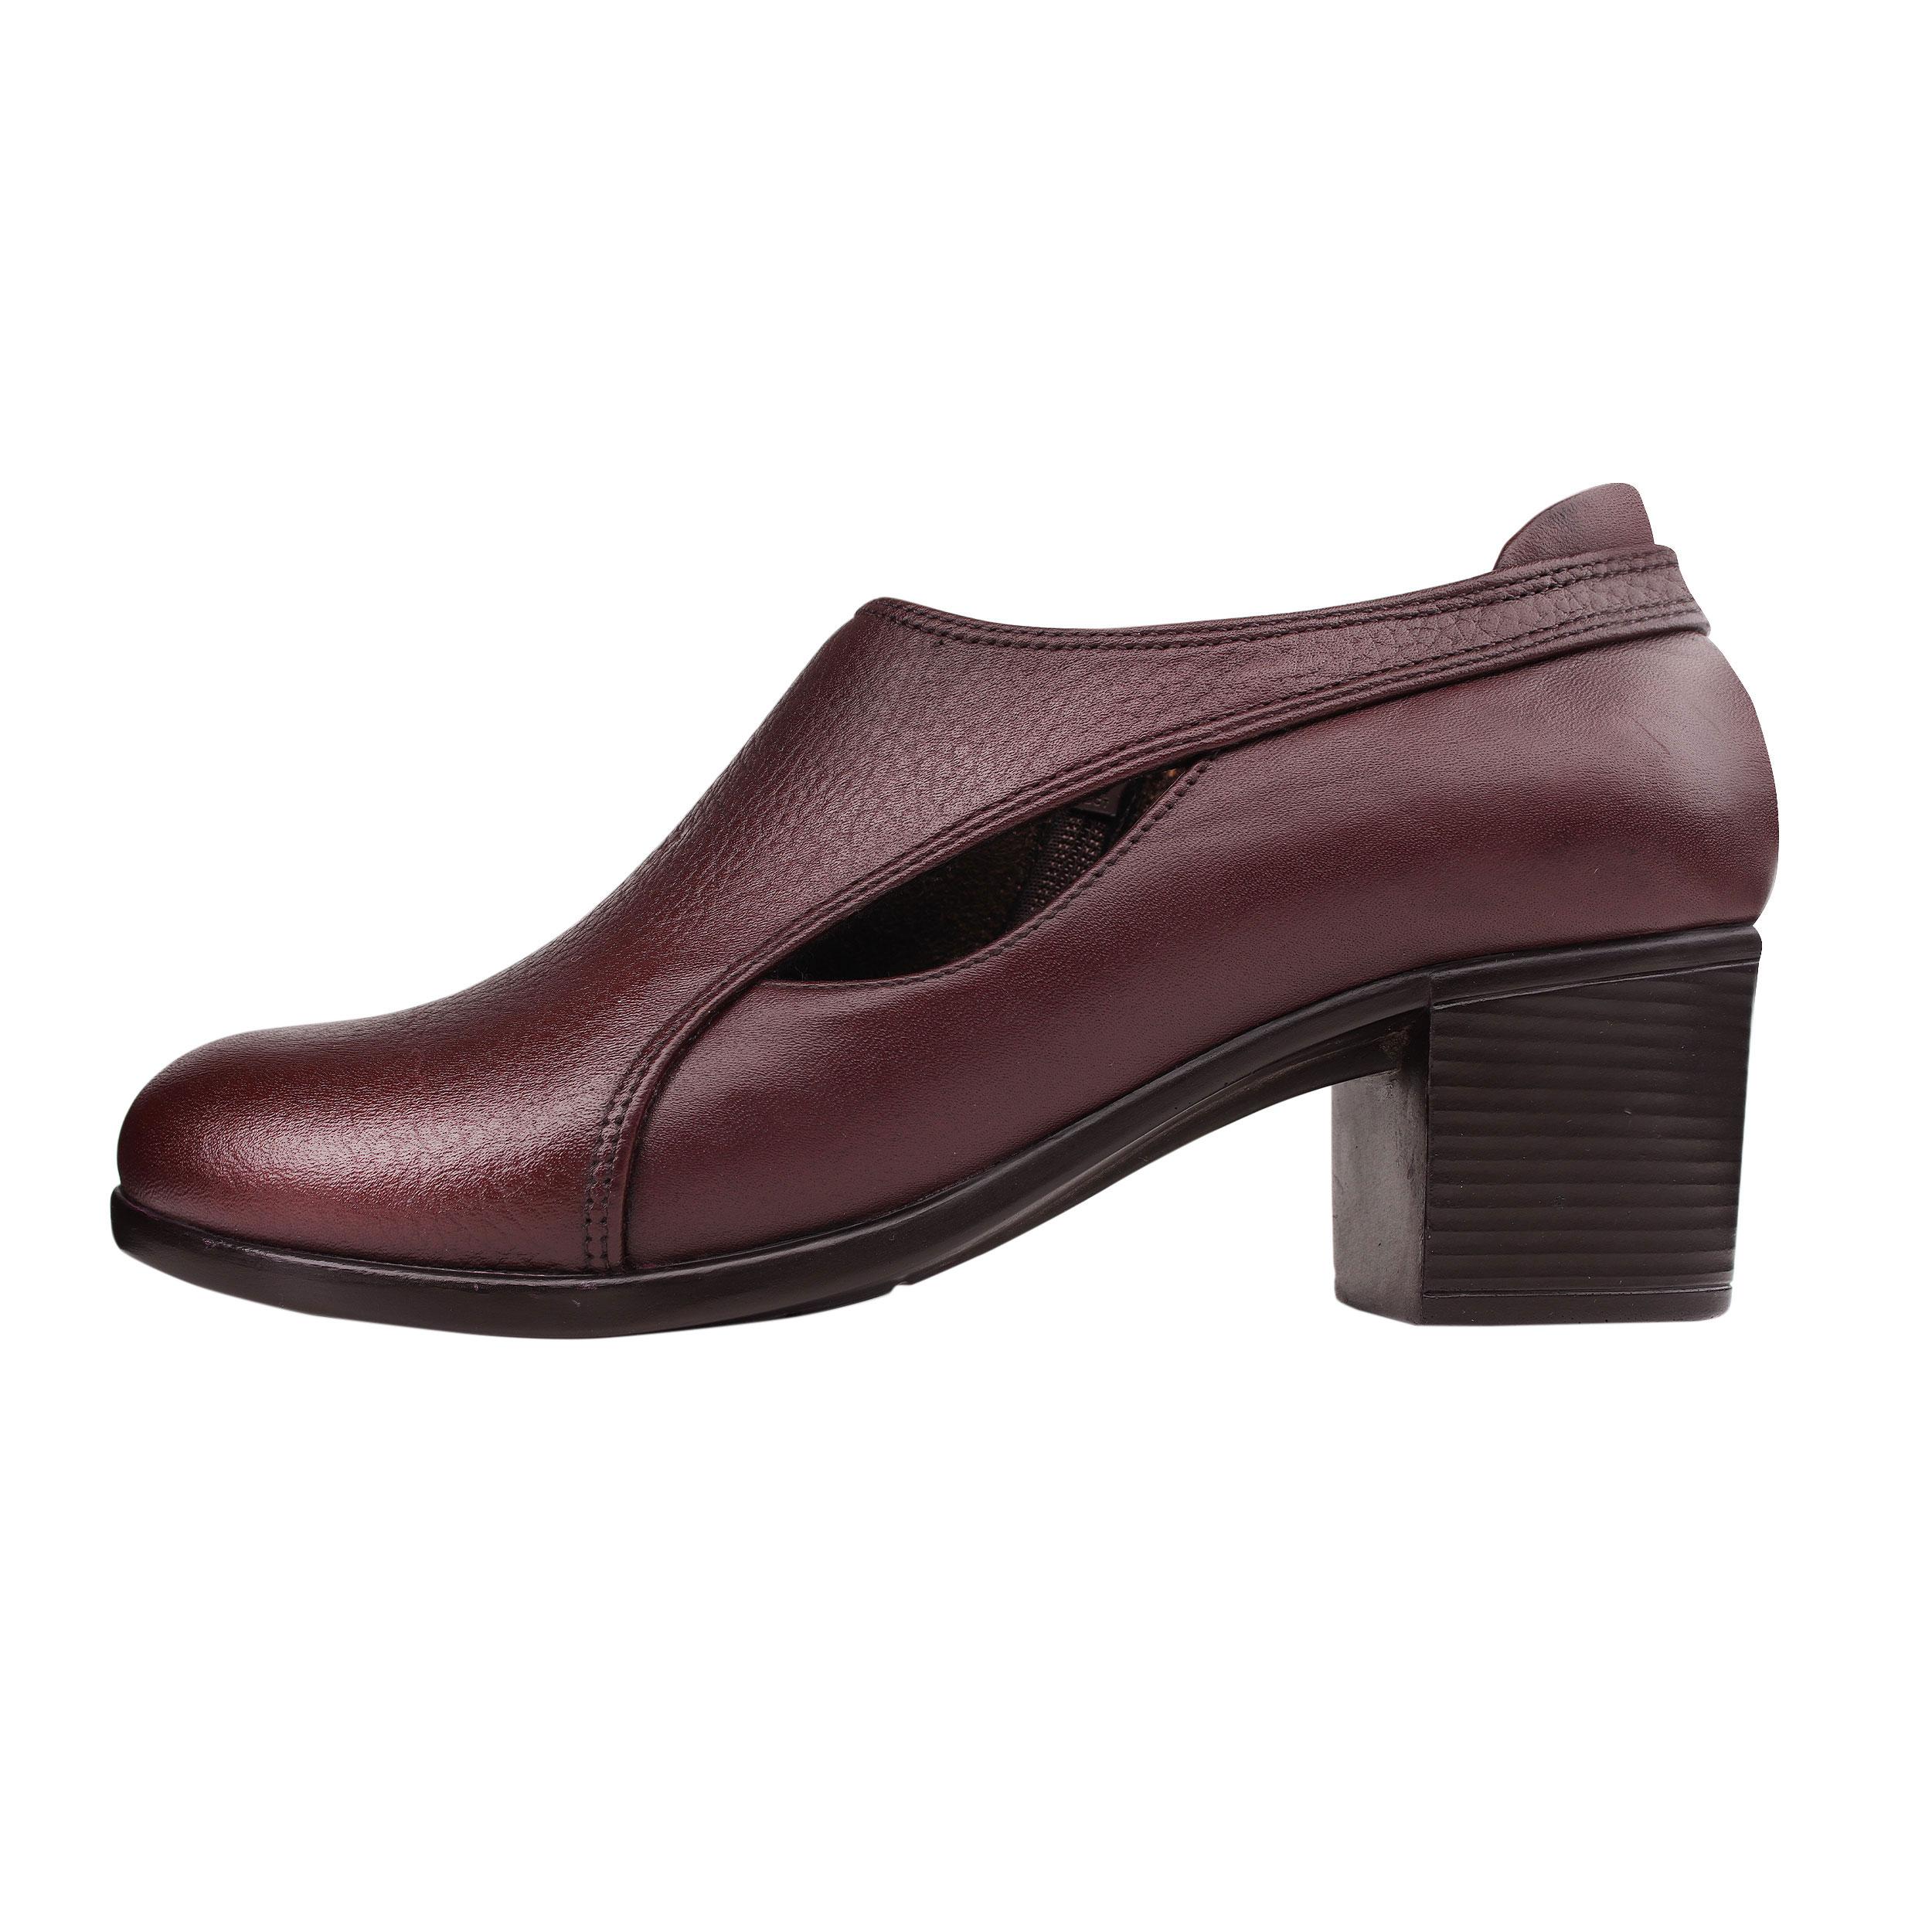 خرید                       کفش زنانه روشن مدل پیتون کد 22